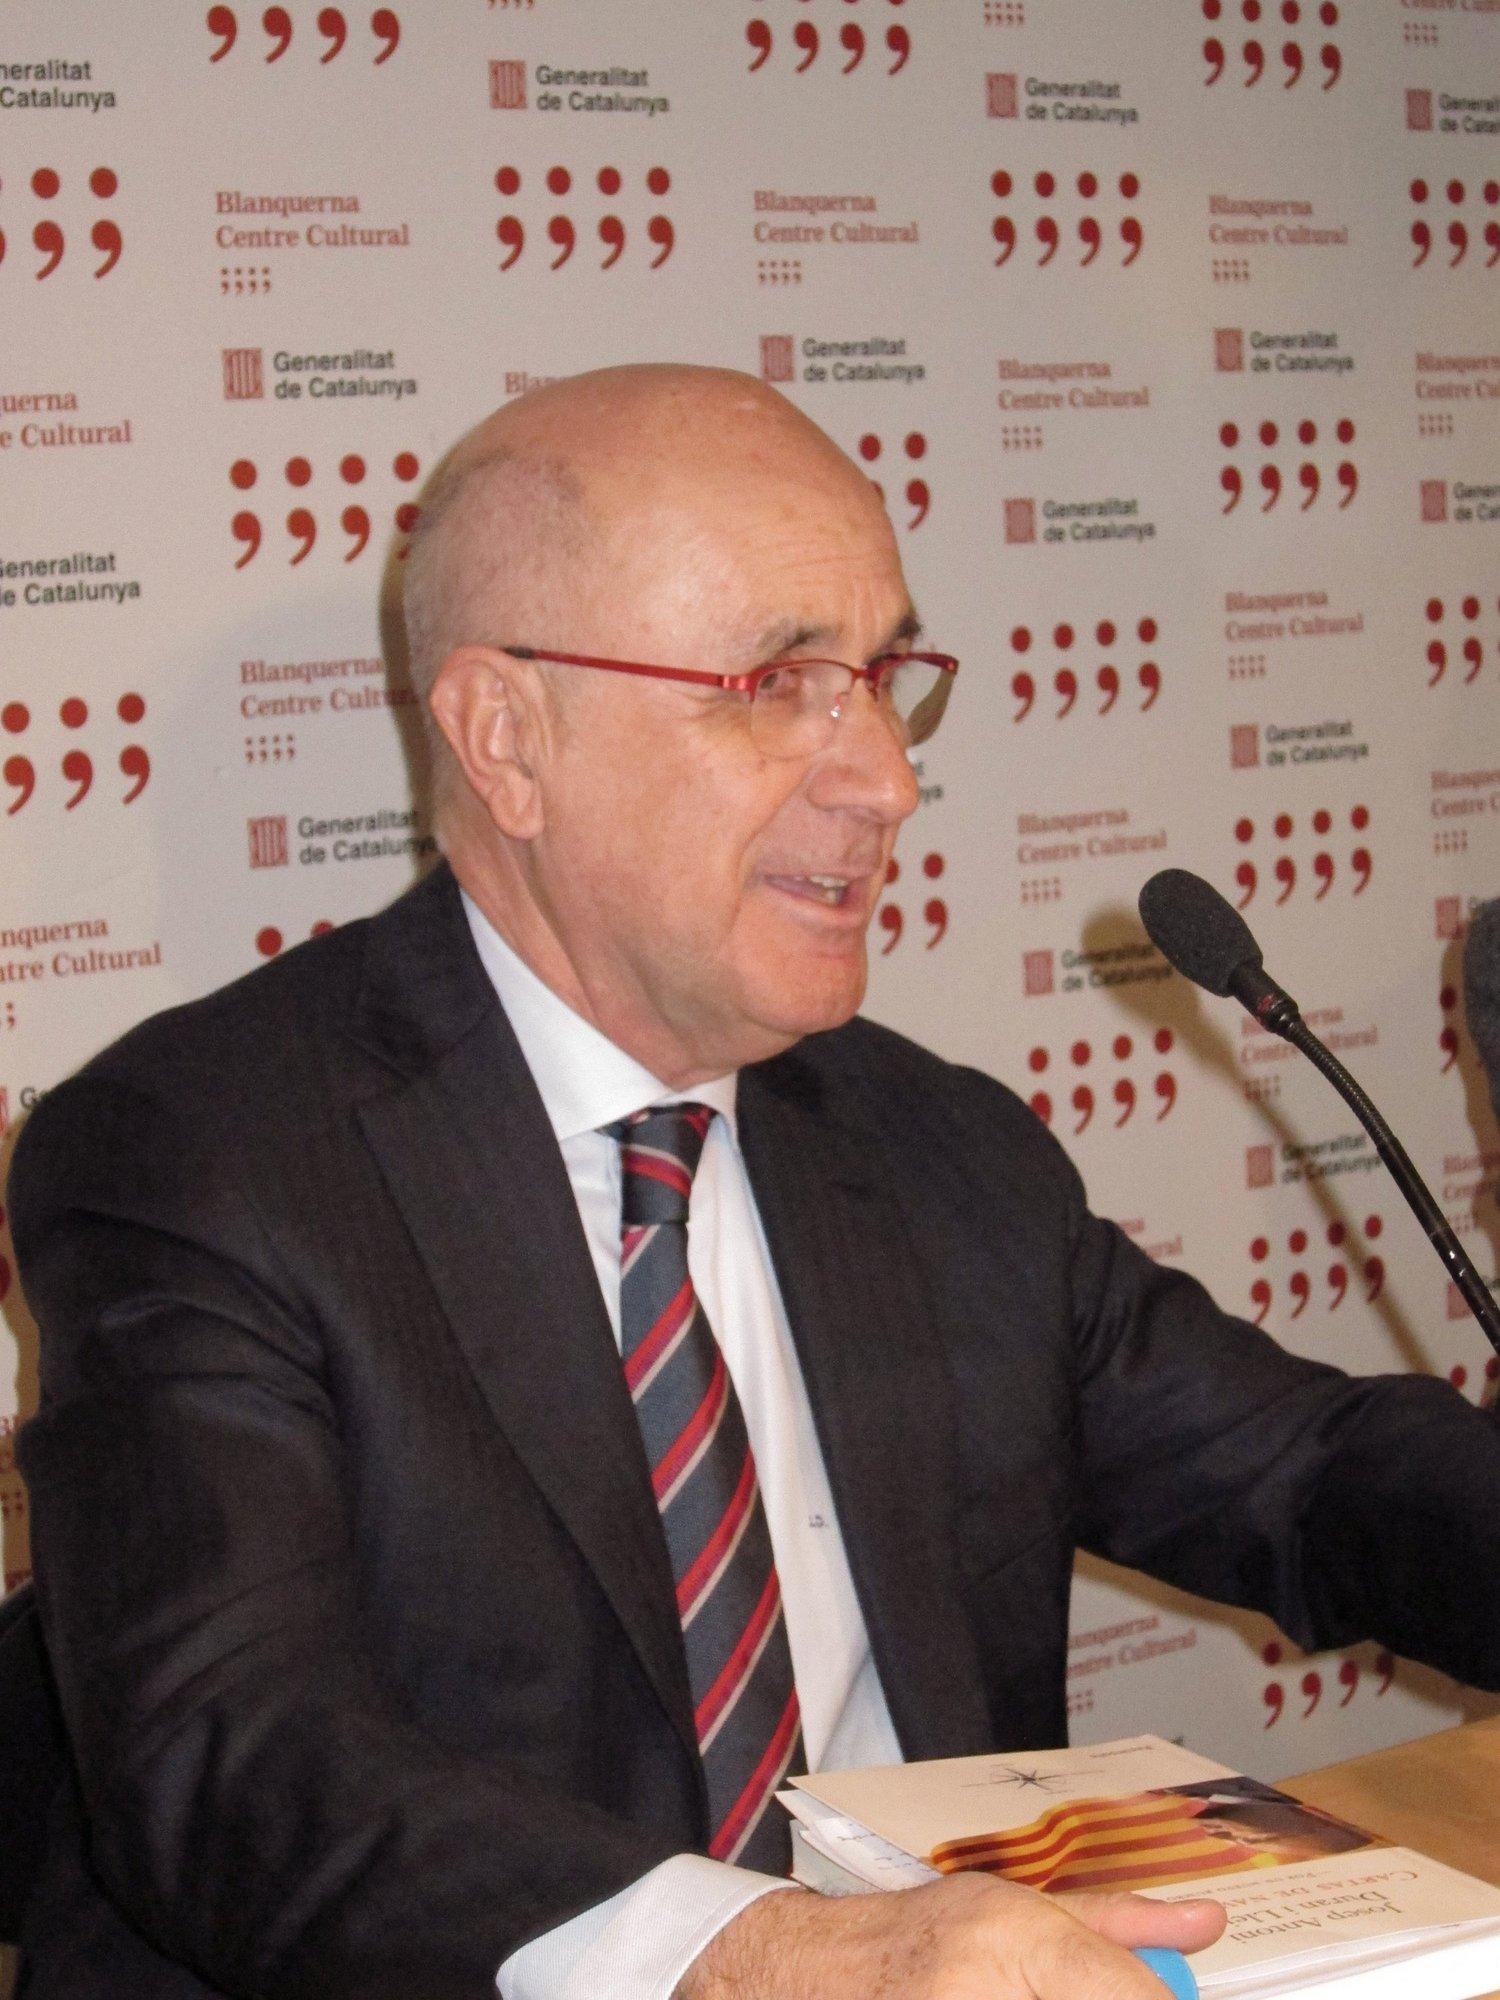 Duran (CiU) cree que «no es bueno» que el PSOE implantase la cultura del subsidio en Andalucía